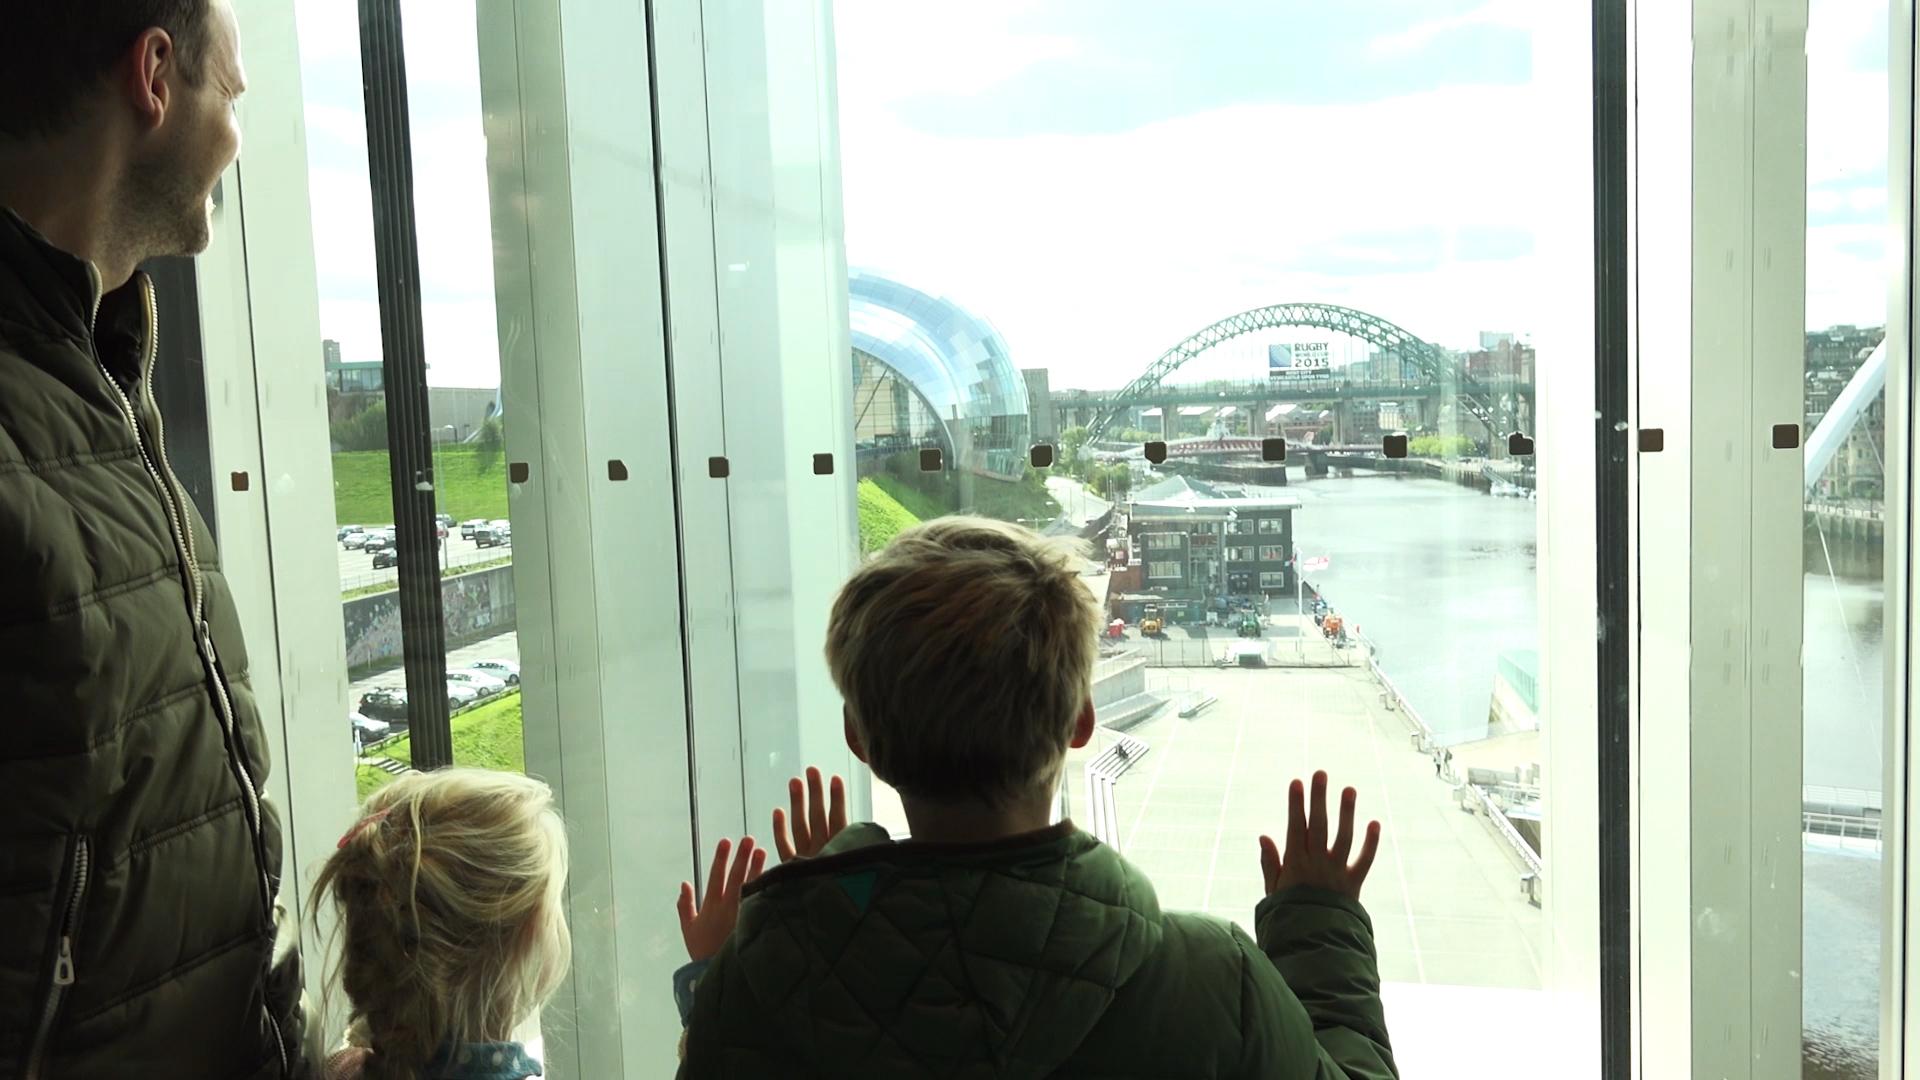 BALTIC museum - gratis genieten van het uitzicht